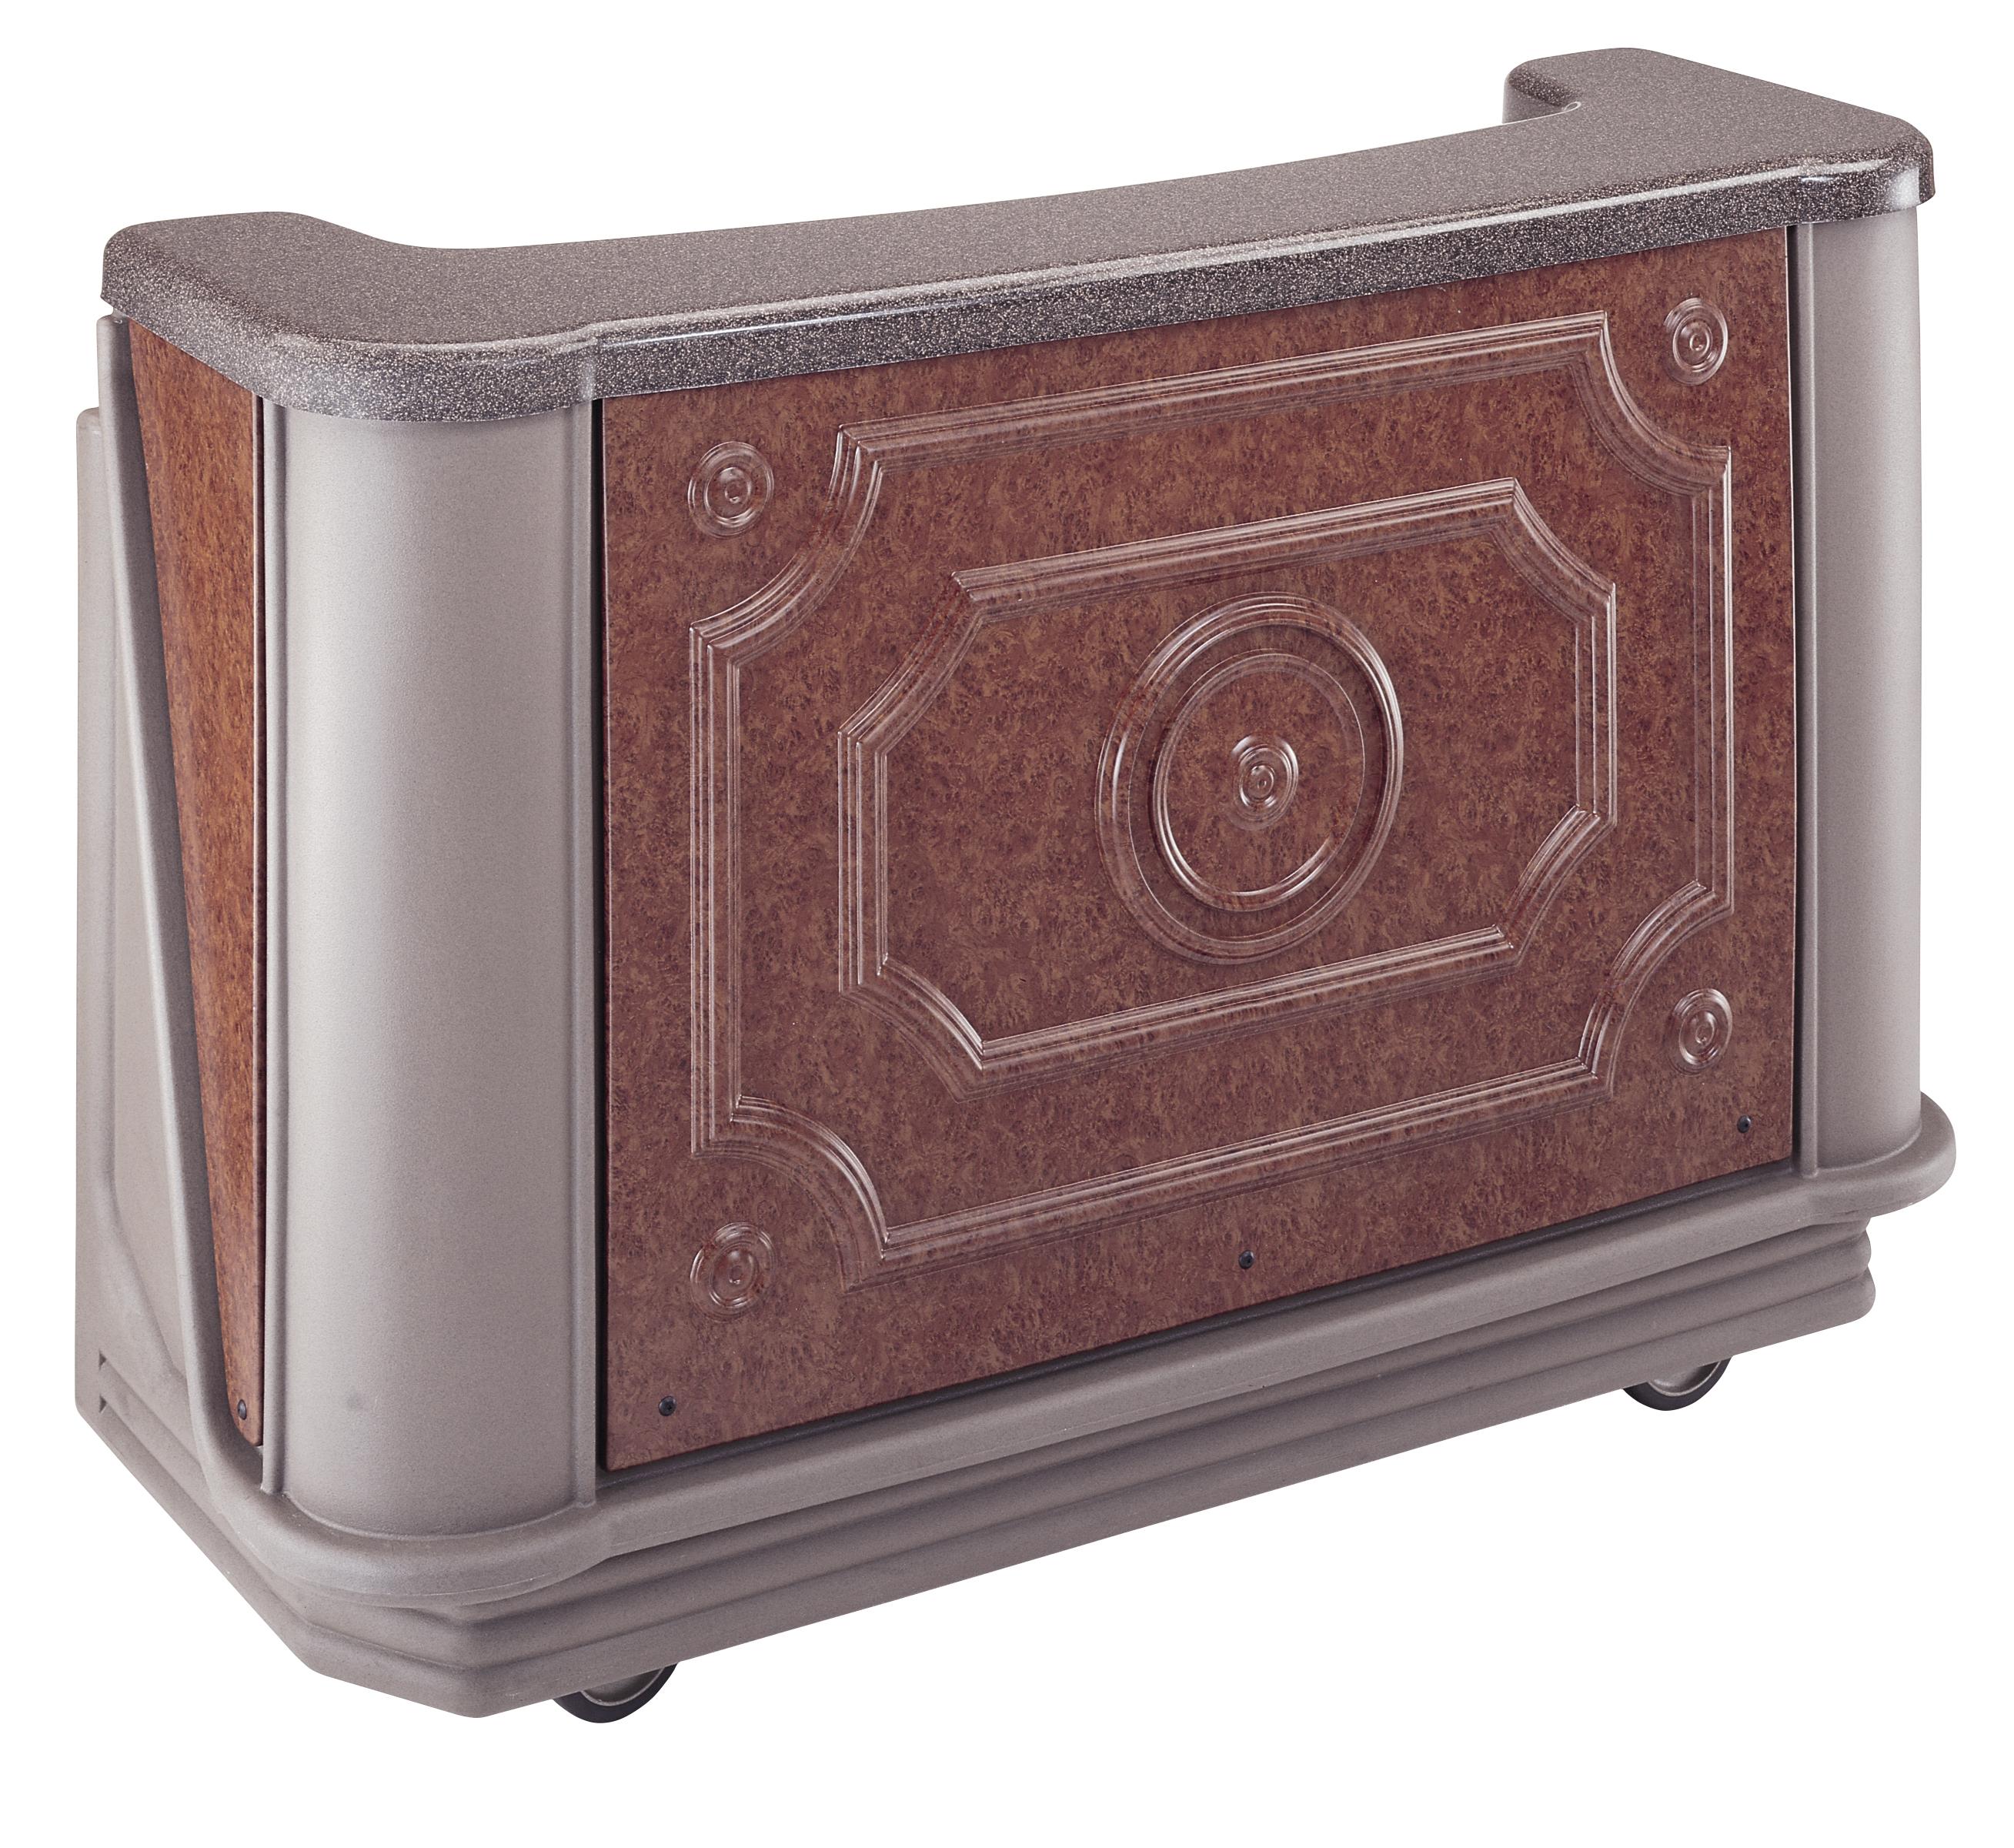 Cambro BAR650DSCP669 portable bar